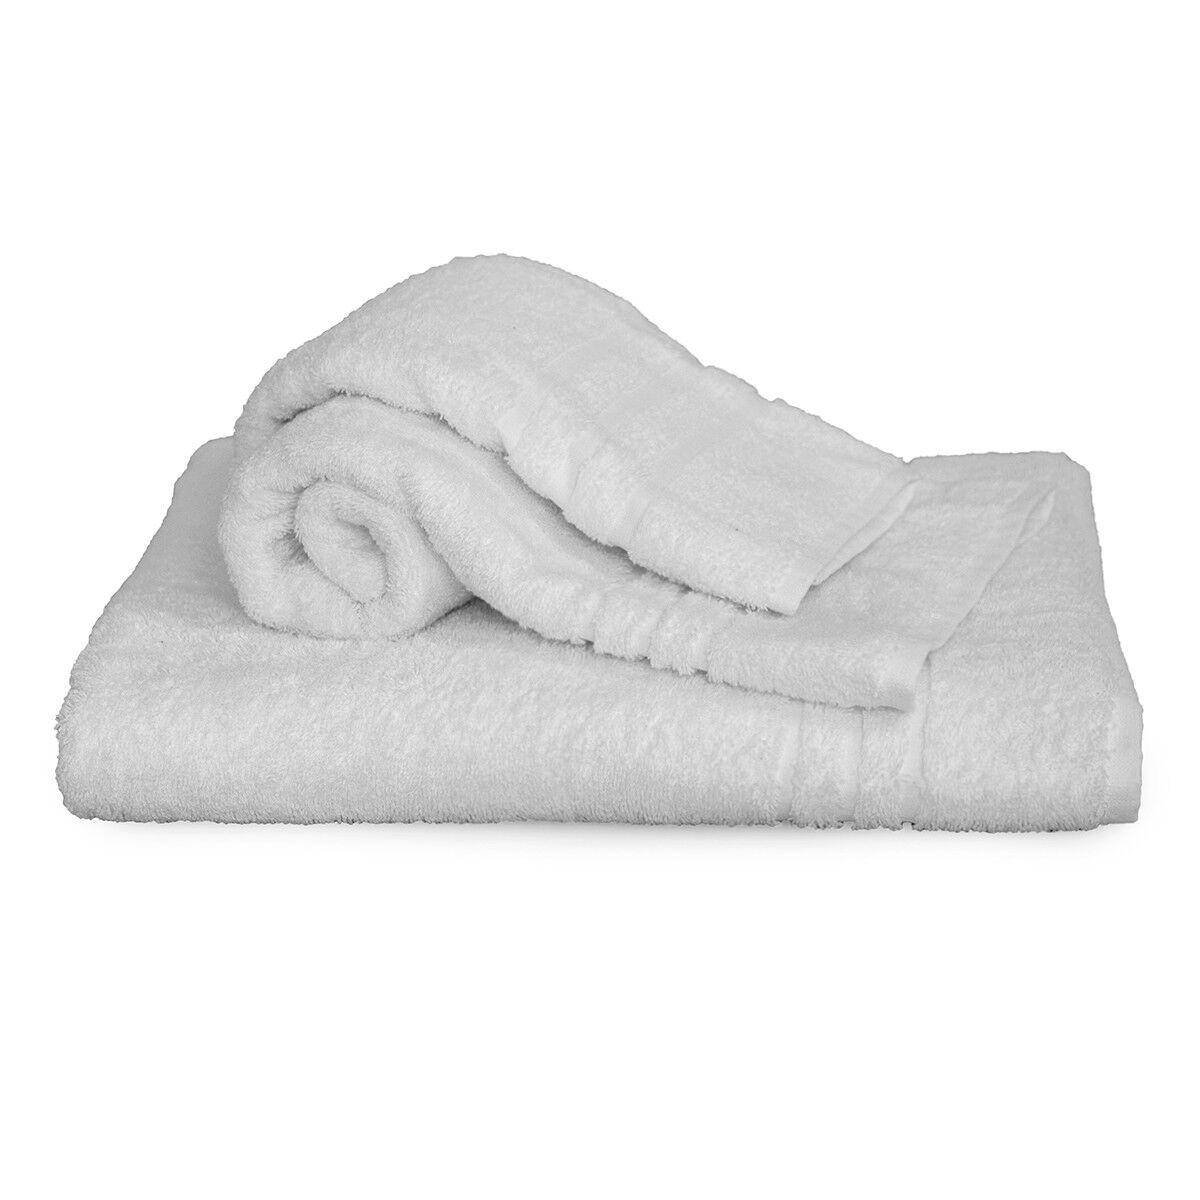 Offre 10 serviette de douche 10 10 invité éponge 100% lit bébé. Hotel B&B H165